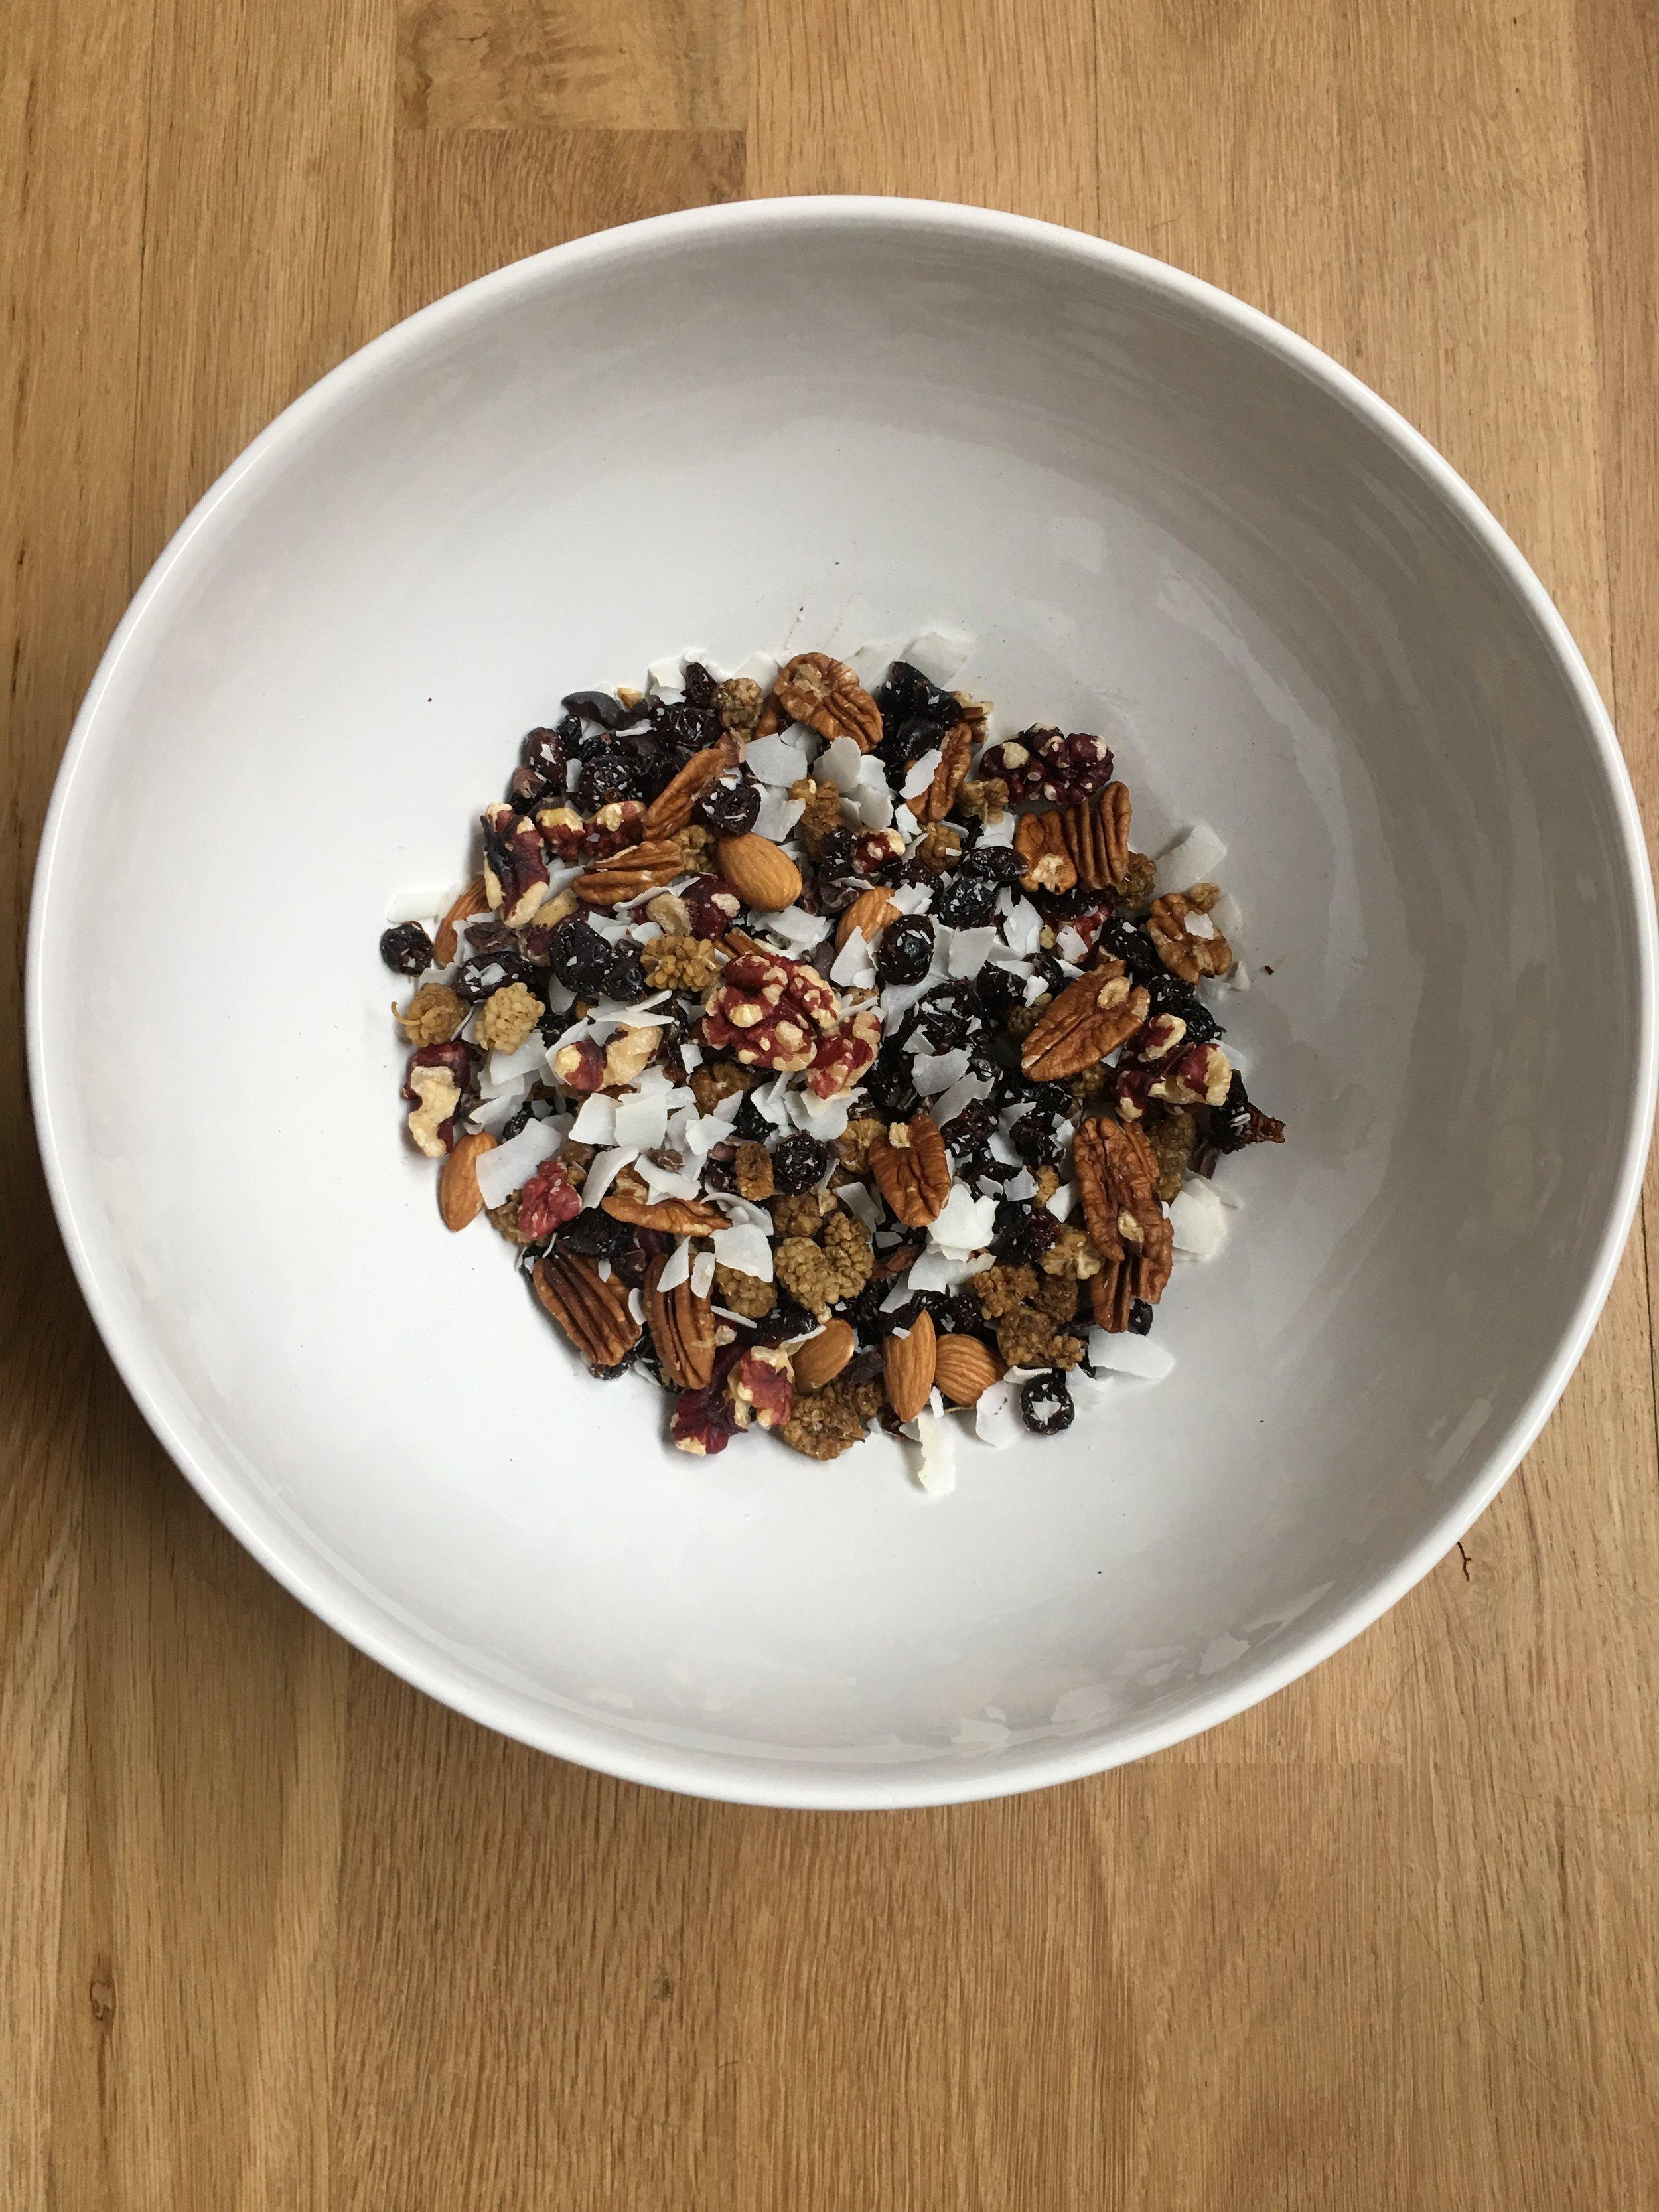 Nutrition Atlanta homemade trail mix- so easy, so healthy!